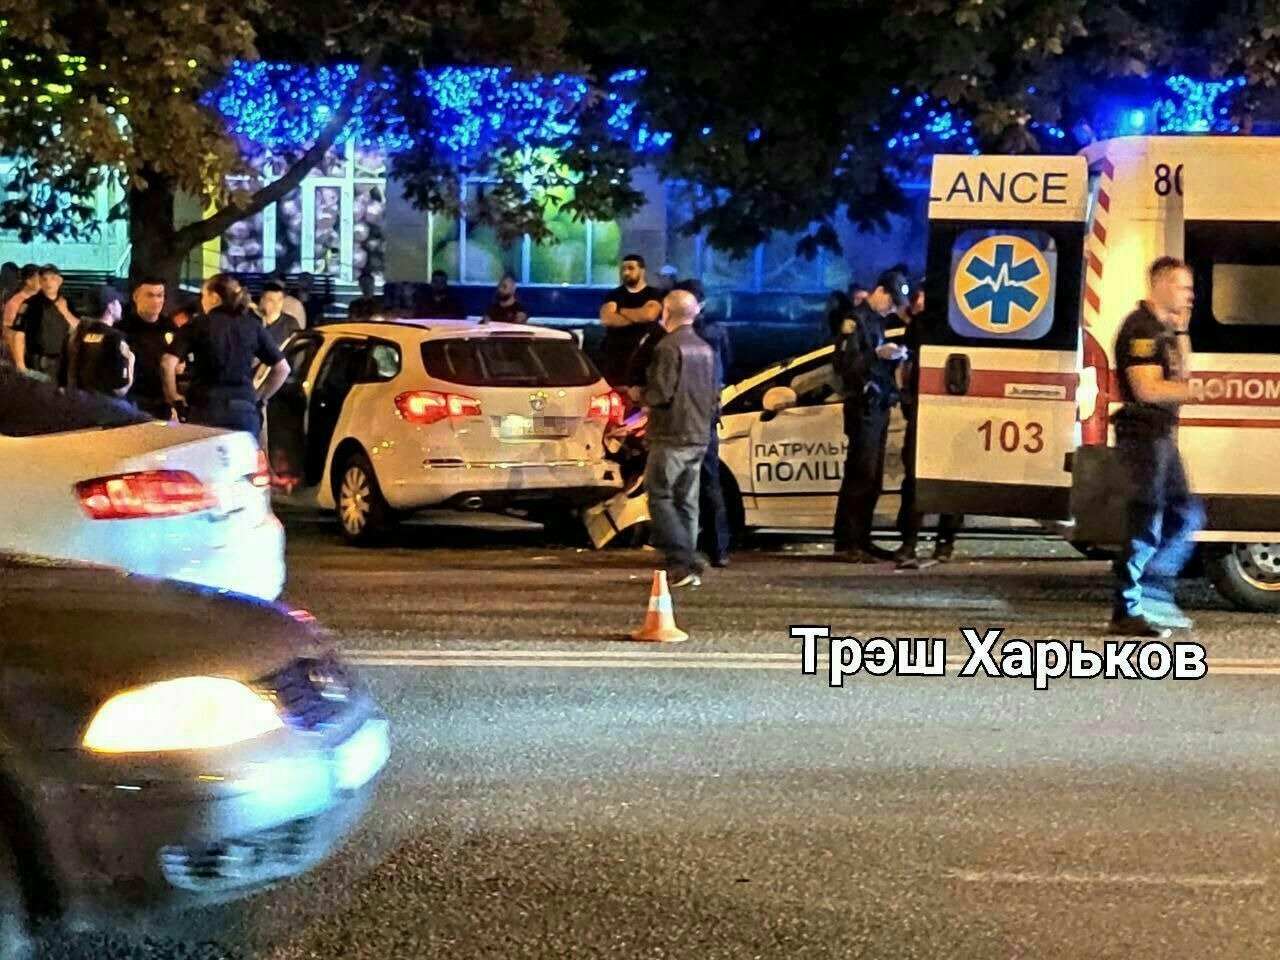 """В Харькове """"копы"""" гнались за автомобилем и попали в аварию: пострадали двое патрульных, - ВИДЕО, фото-1"""